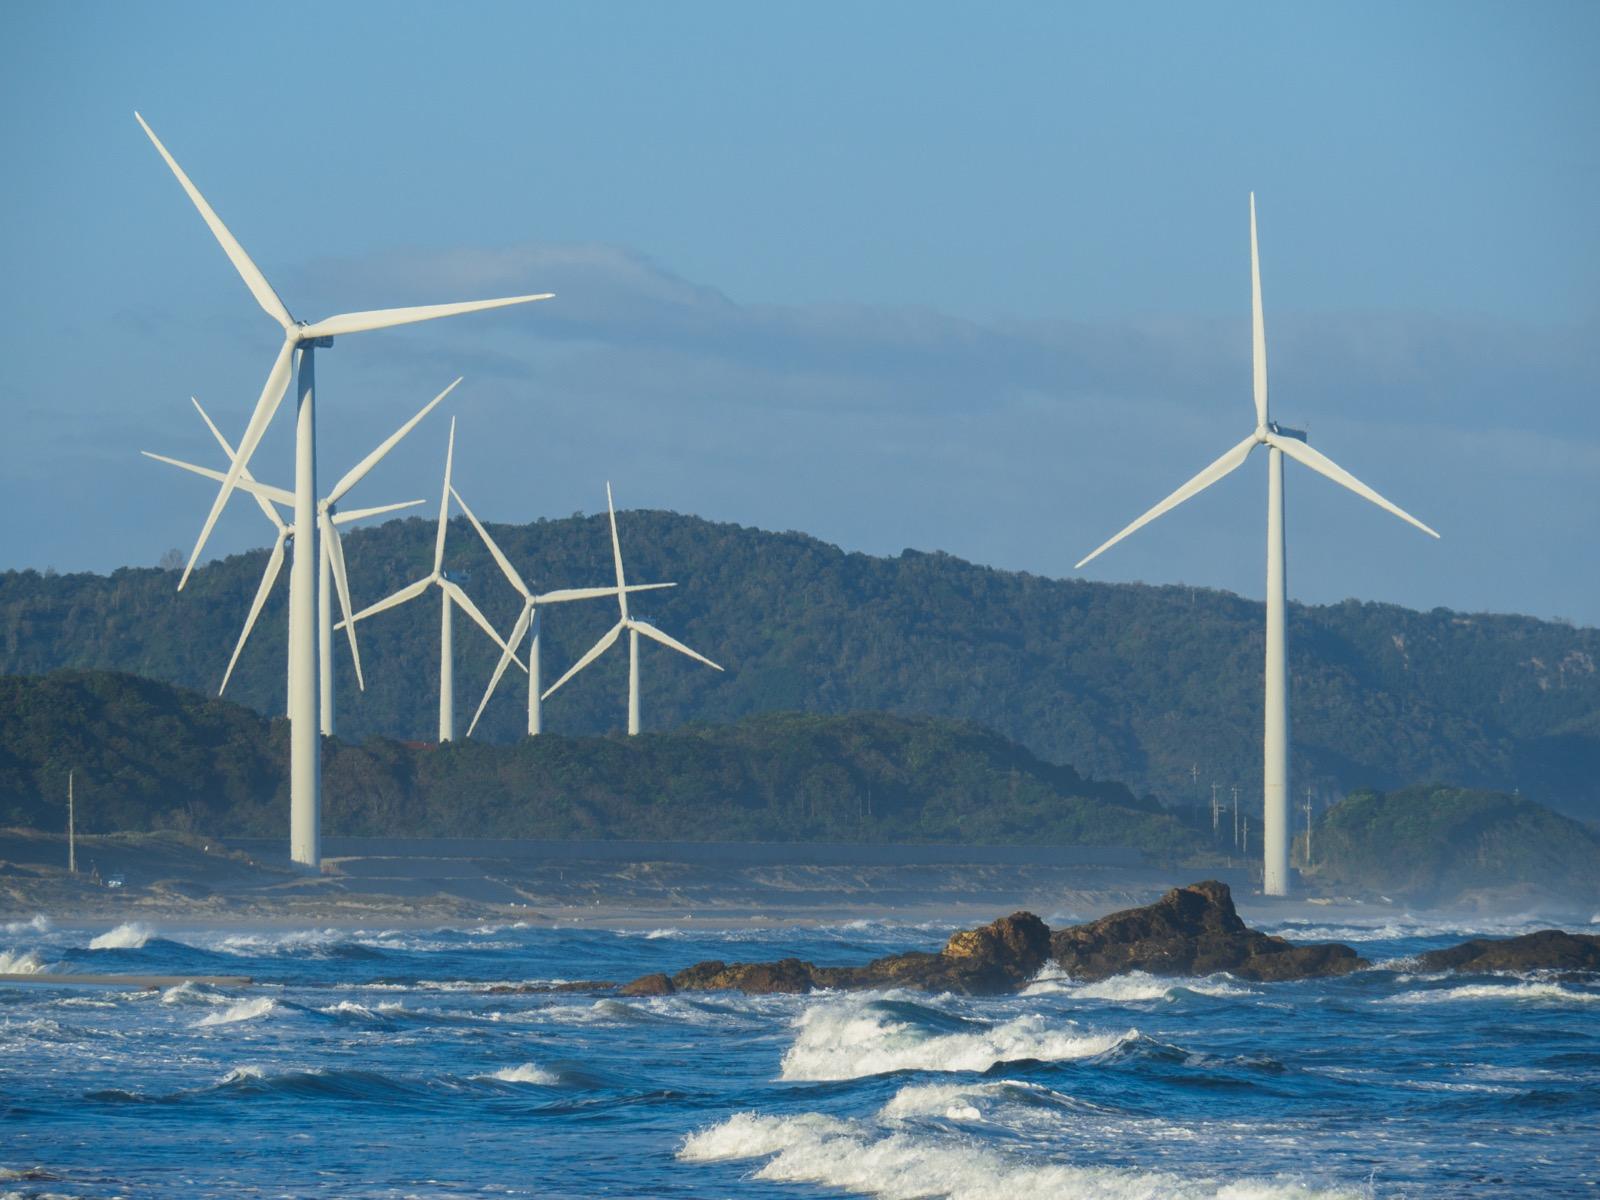 黒松海水浴場から見た江津東ウィンドファーム風力発電所